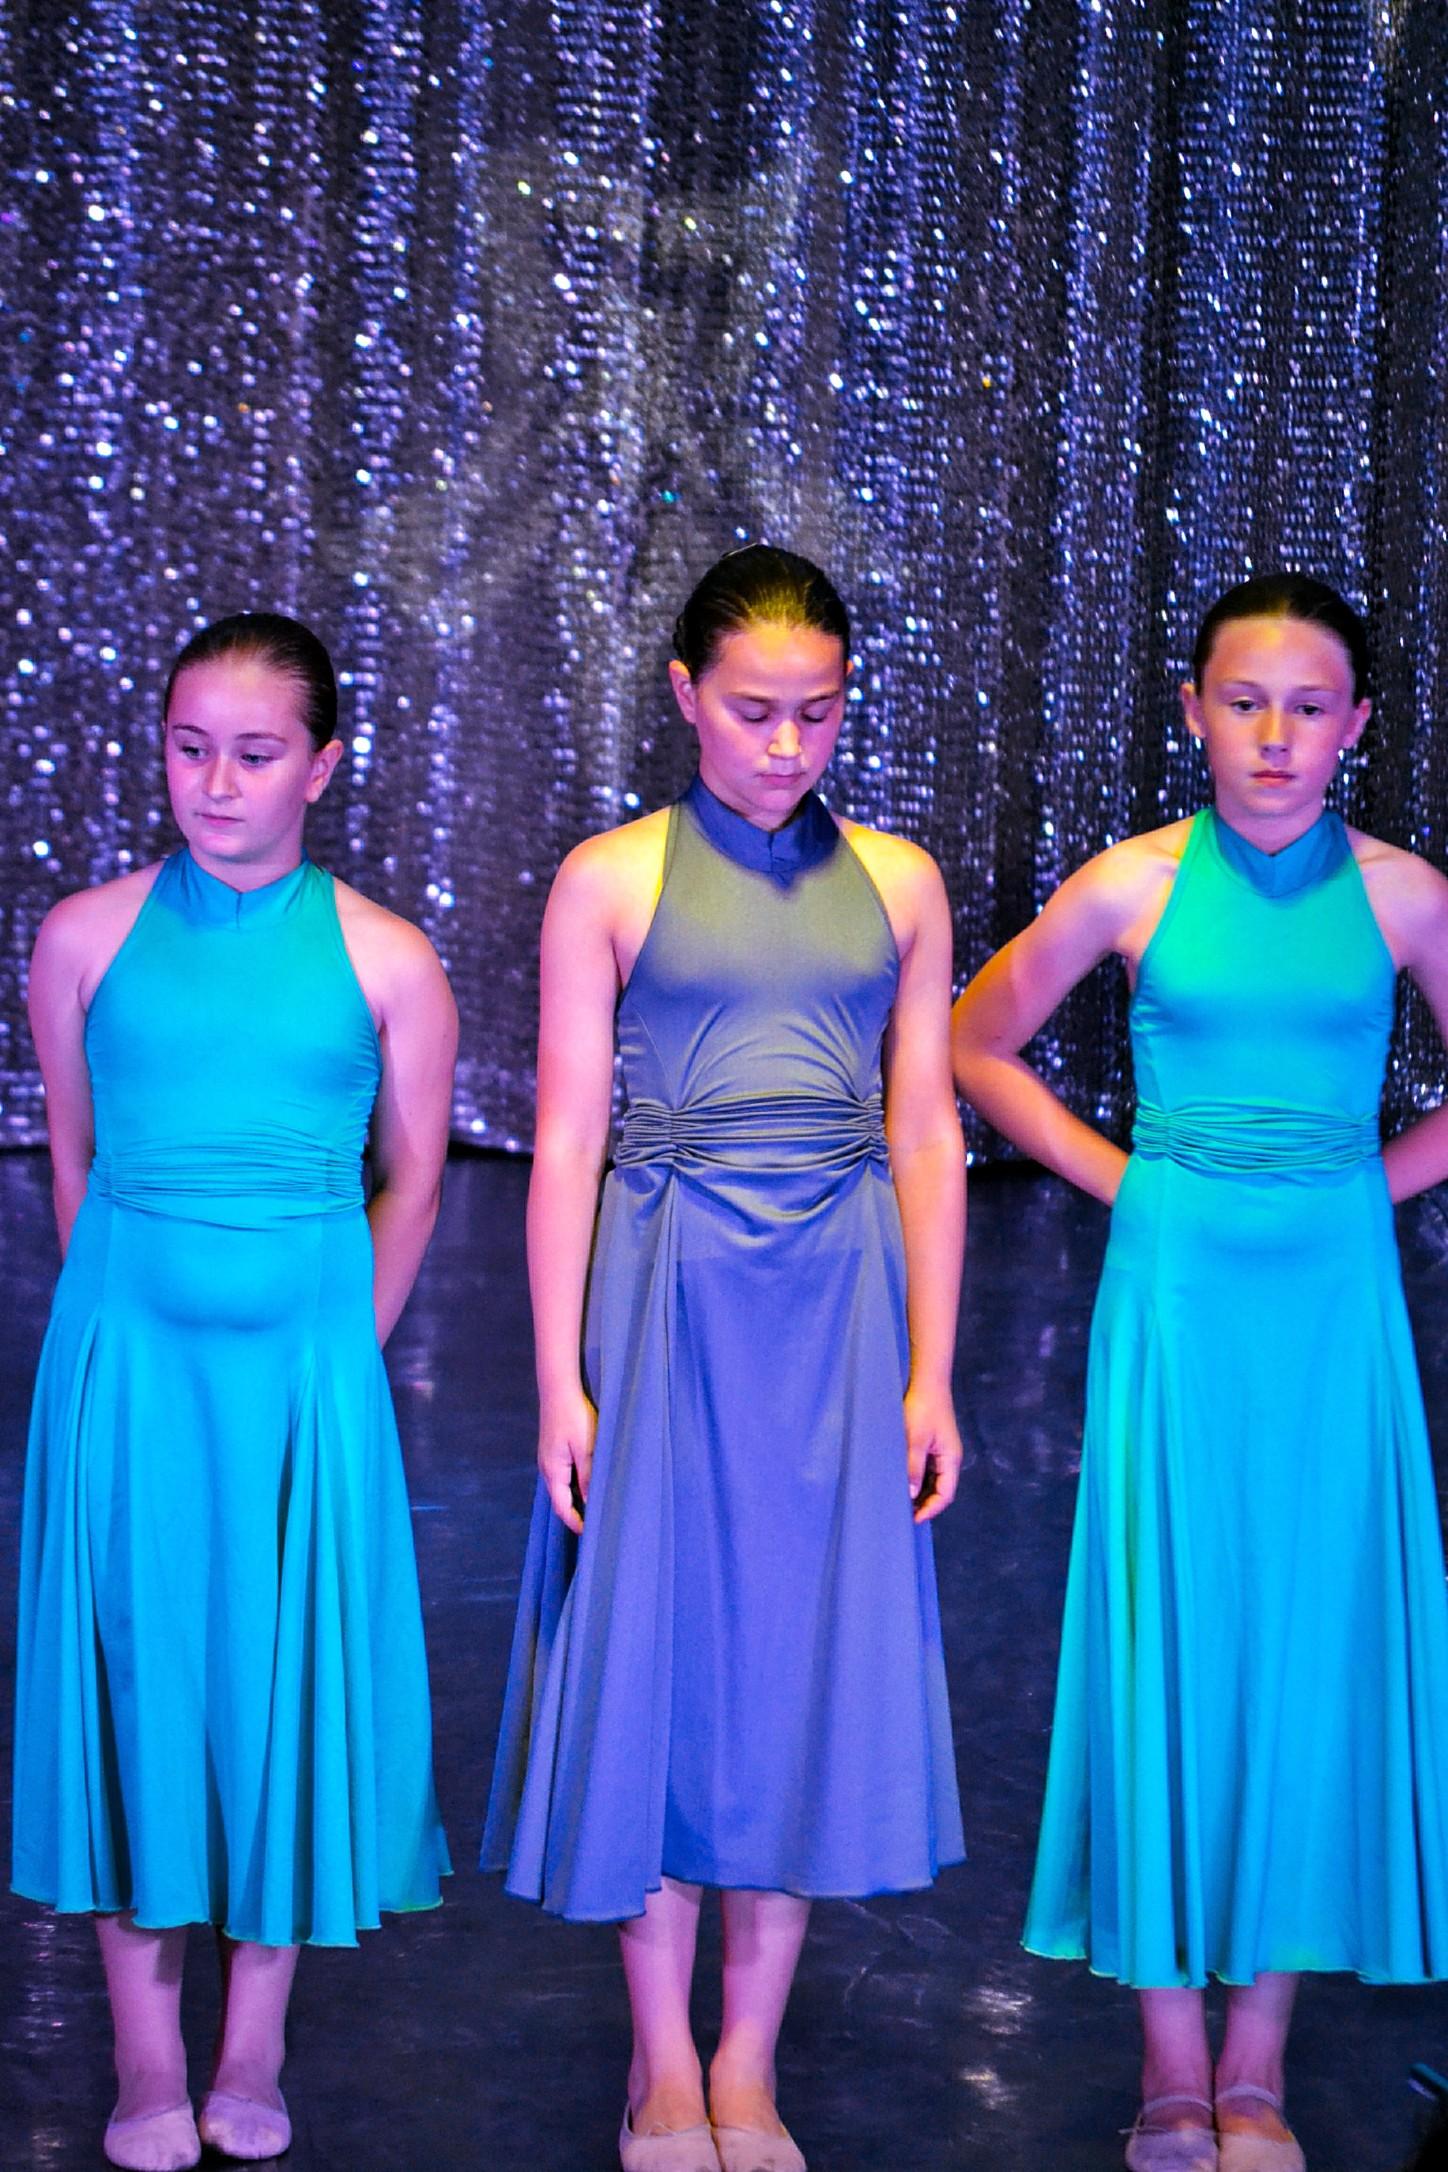 Linea-de-Baile-festival-verano-2015-clases-de-baile-valencia-23